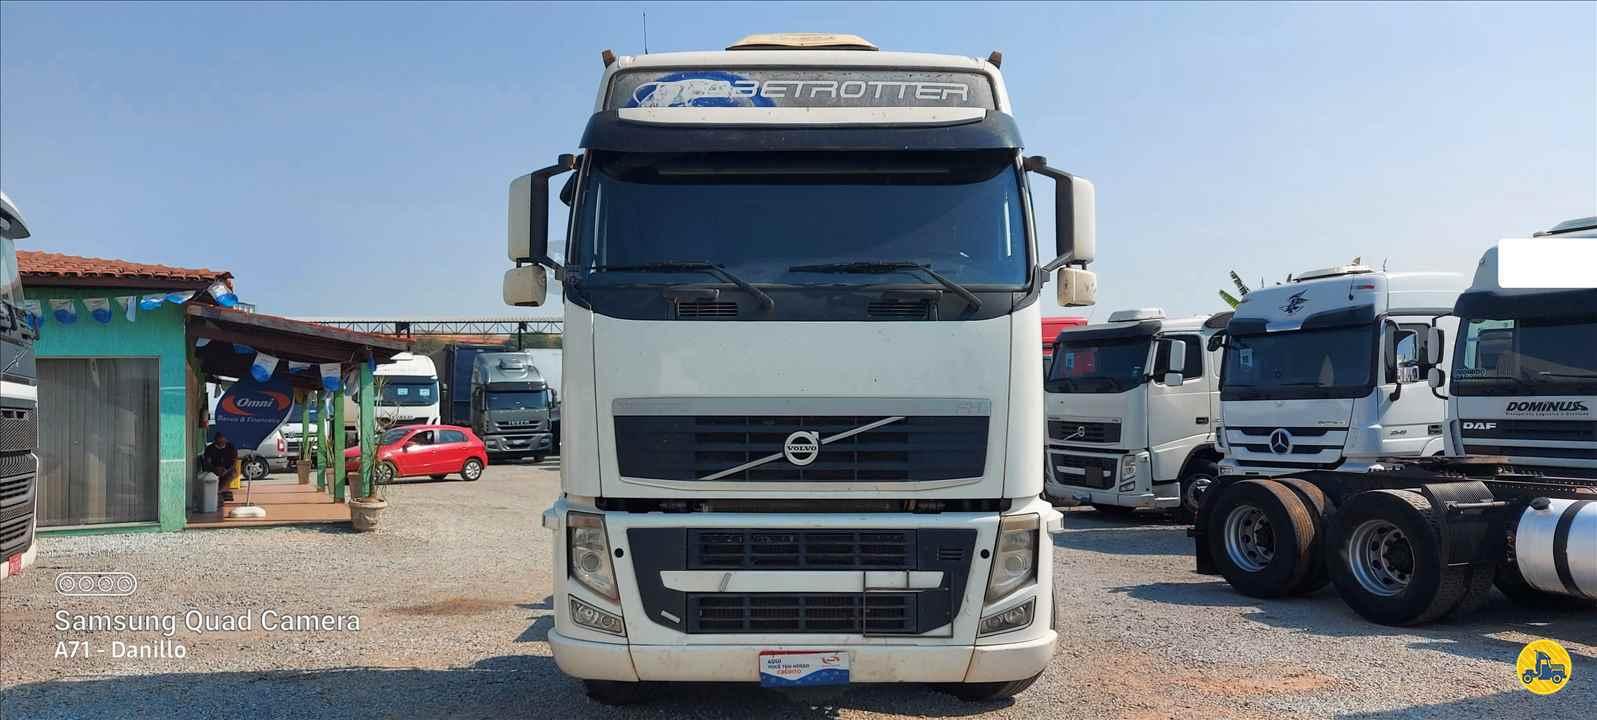 CAMINHAO VOLVO VOLVO FH 520 Cavalo Mecânico Truck 6x2 13 de Maio Caminhões BETIM MINAS GERAIS MG